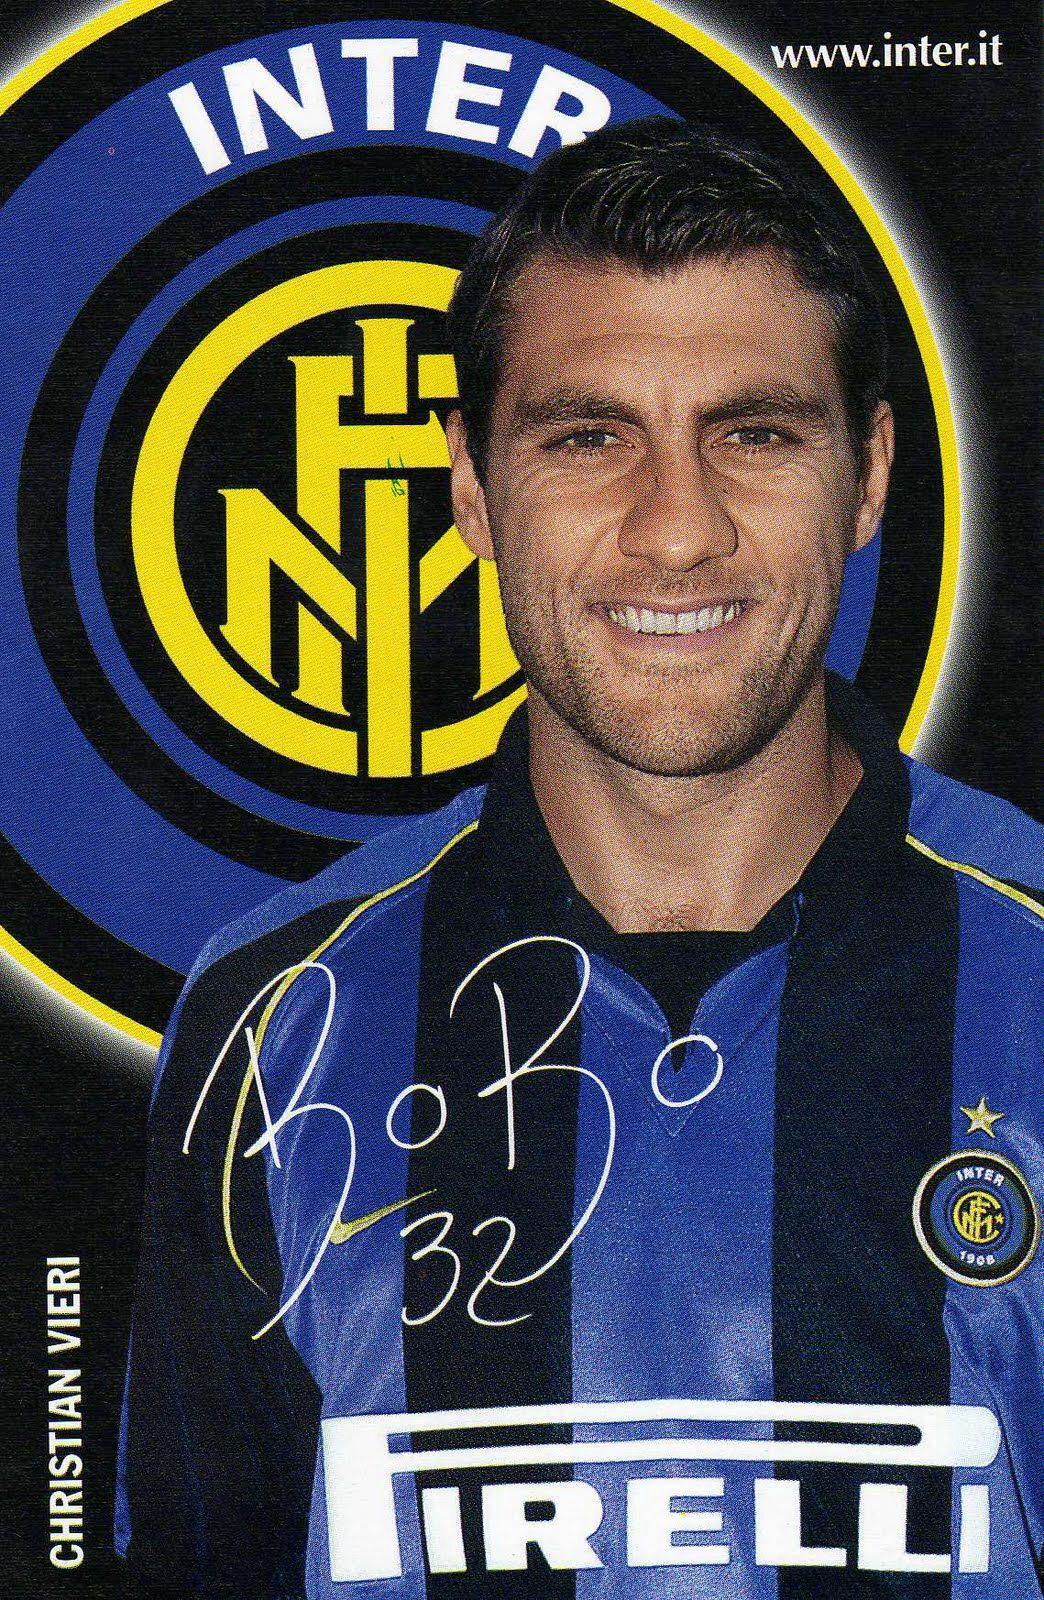 """Christian """"Bobo"""" VIERI; Torino,1991-92,  Pisa 92-92, Ravenna 93-94, Venezia 94-95, Atalanta 95-96, Juventus 96-97, Atletico Madrid SPA 97-98, Lazio 98-99, INTER 99-2005, AC Milan 2005-06, Monaco FRA 2006, Sampdoria 2006, Atalanta 06-07,  Fiorentina 07-08, Atalanta 08-09"""